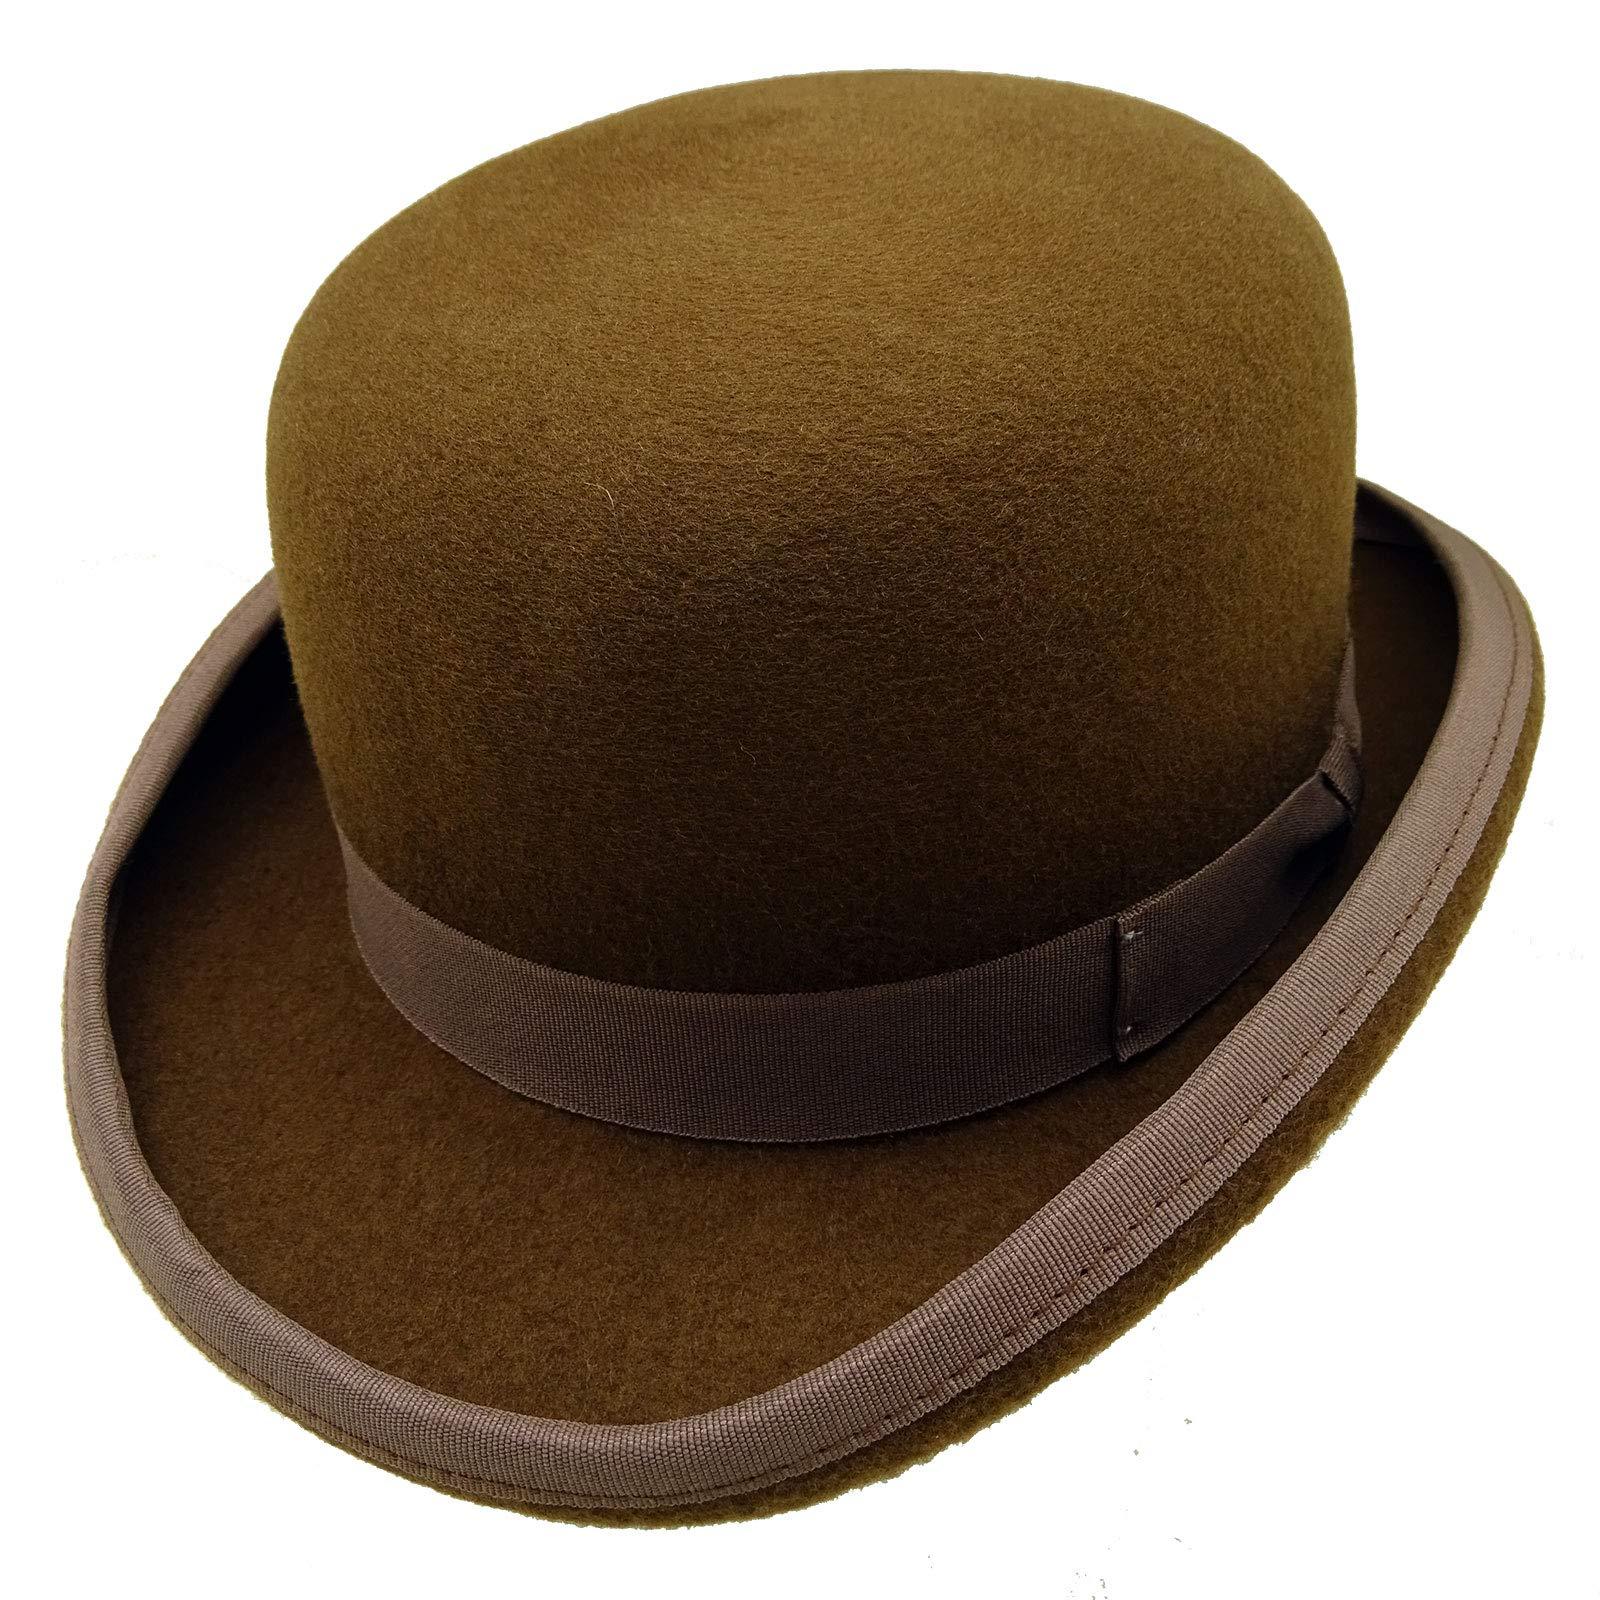 HATsanity Unisex Vintage Wool Felt Formal Dura Bowler Hat Brown